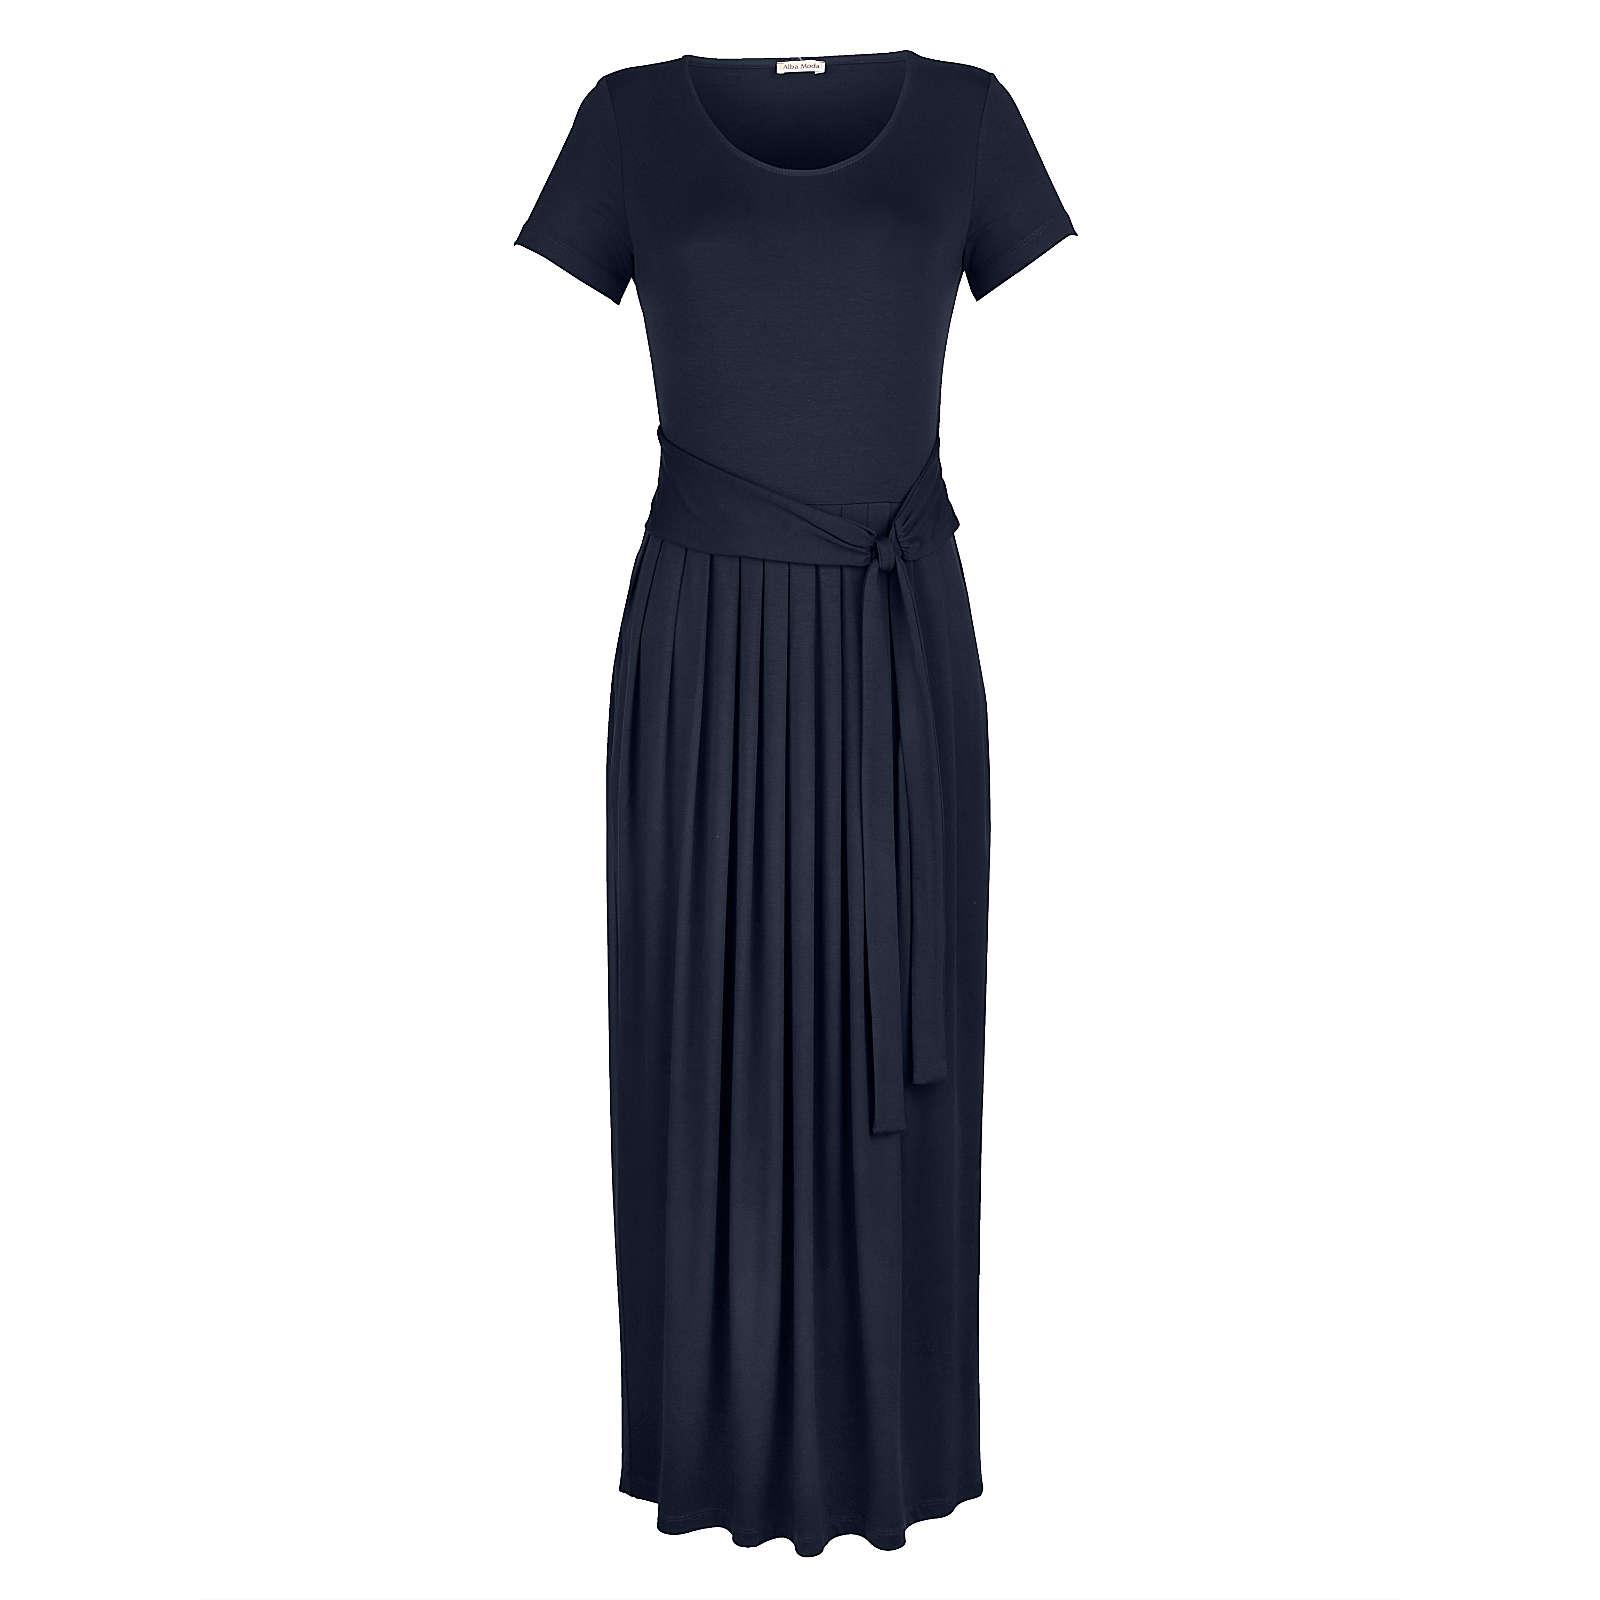 Alba Moda Kleid dunkelblau Damen Gr. 40